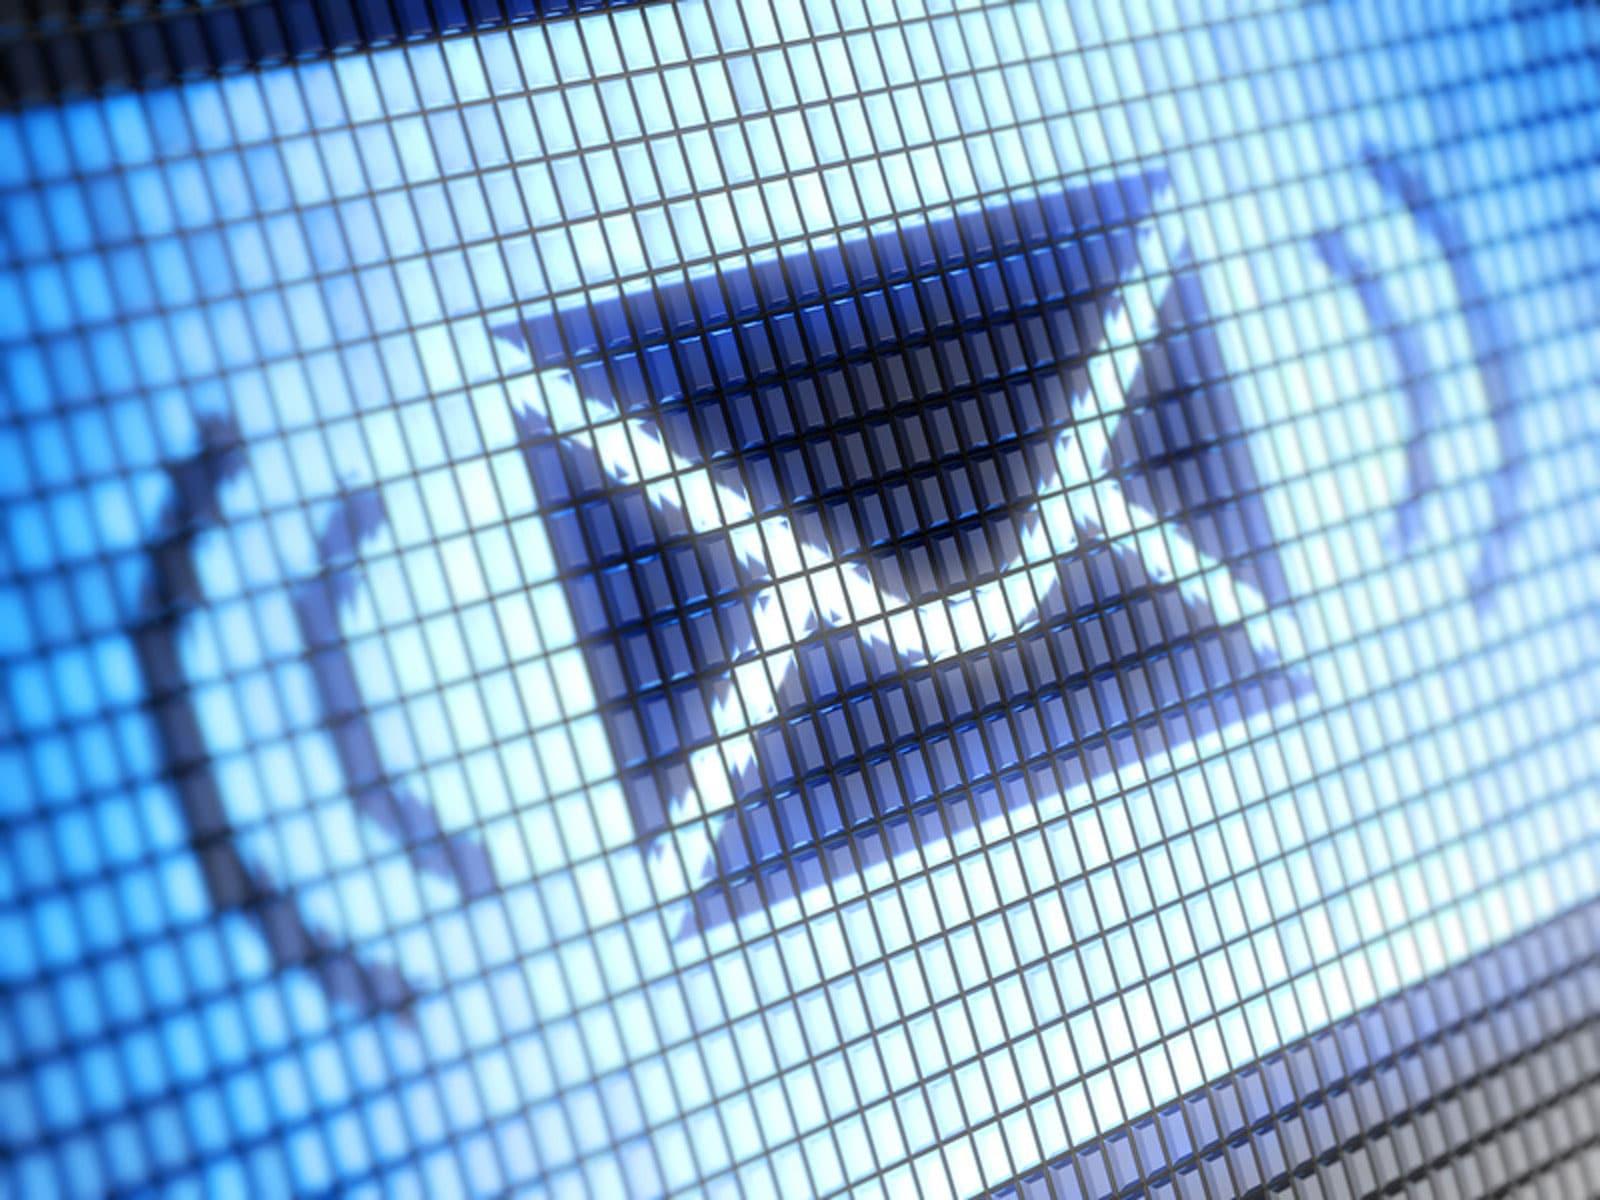 Wie schreibe ich eine E-Mail? Fünf goldene Regeln!